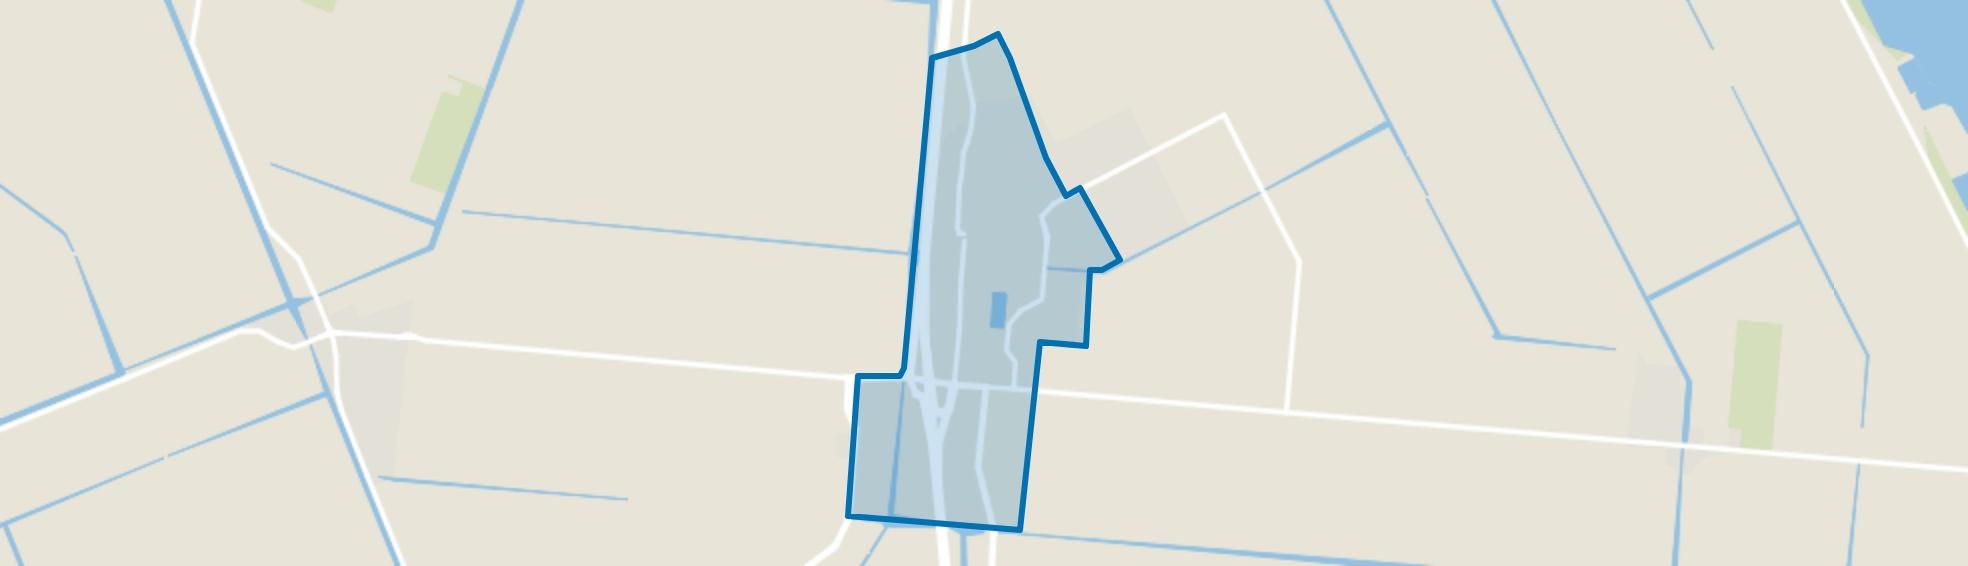 Wieringerwerf, Wieringerwerf map